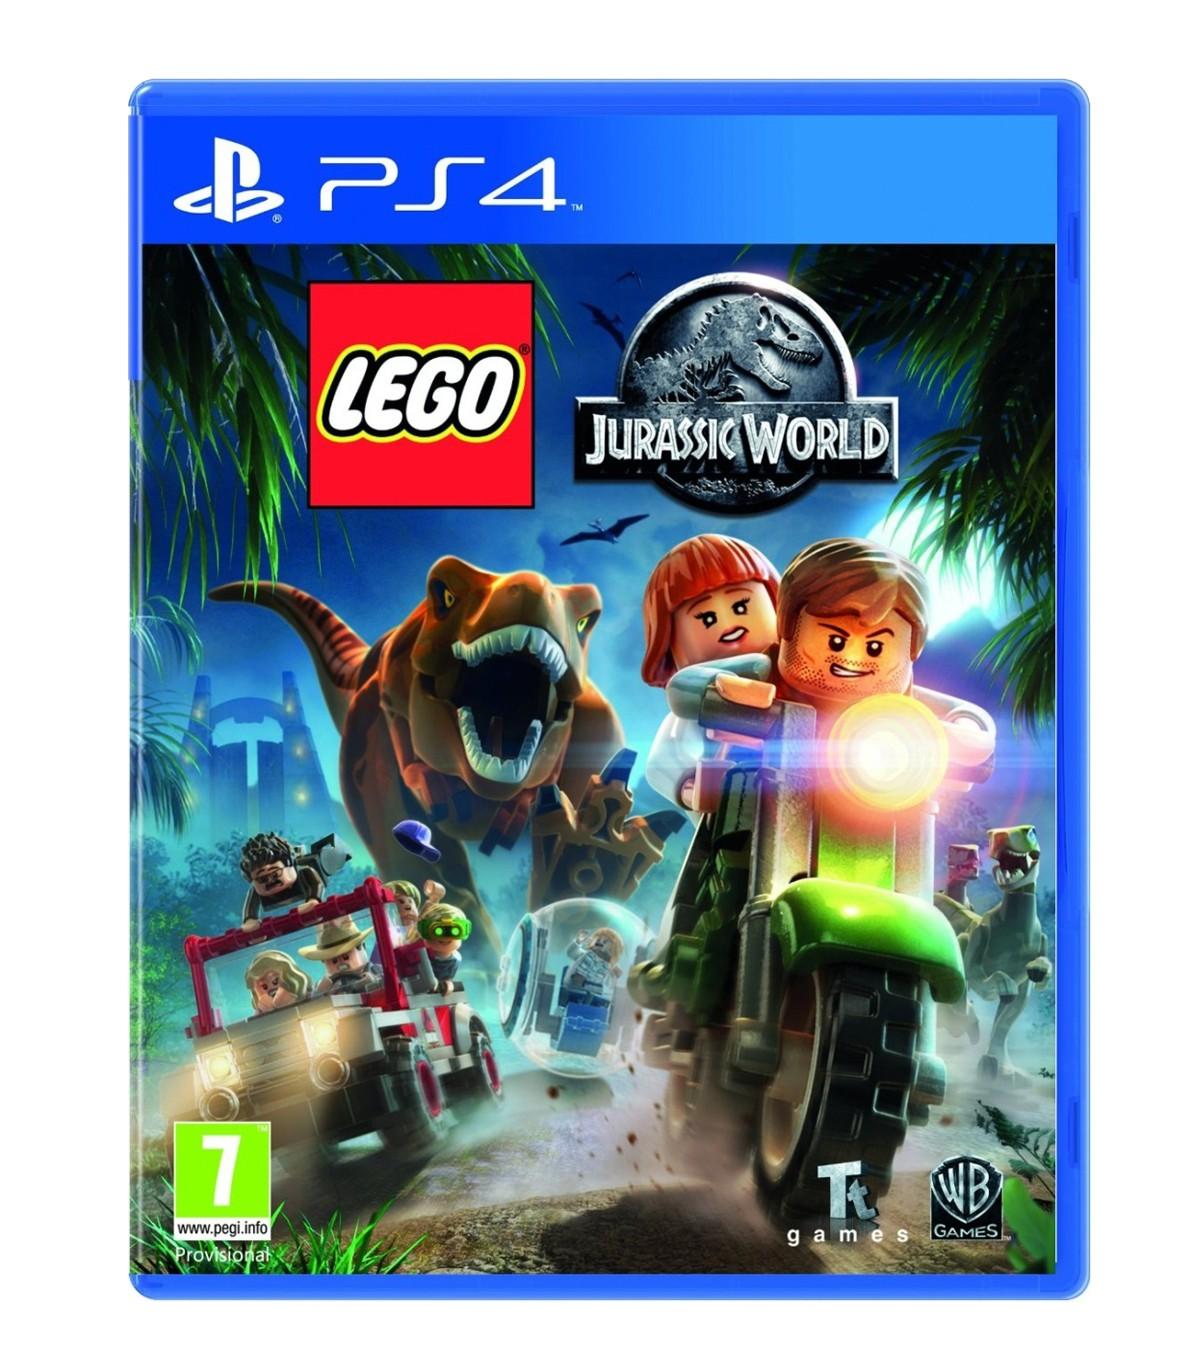 بازی Lego Jurassic World کارکرده - پلی استیشن 4